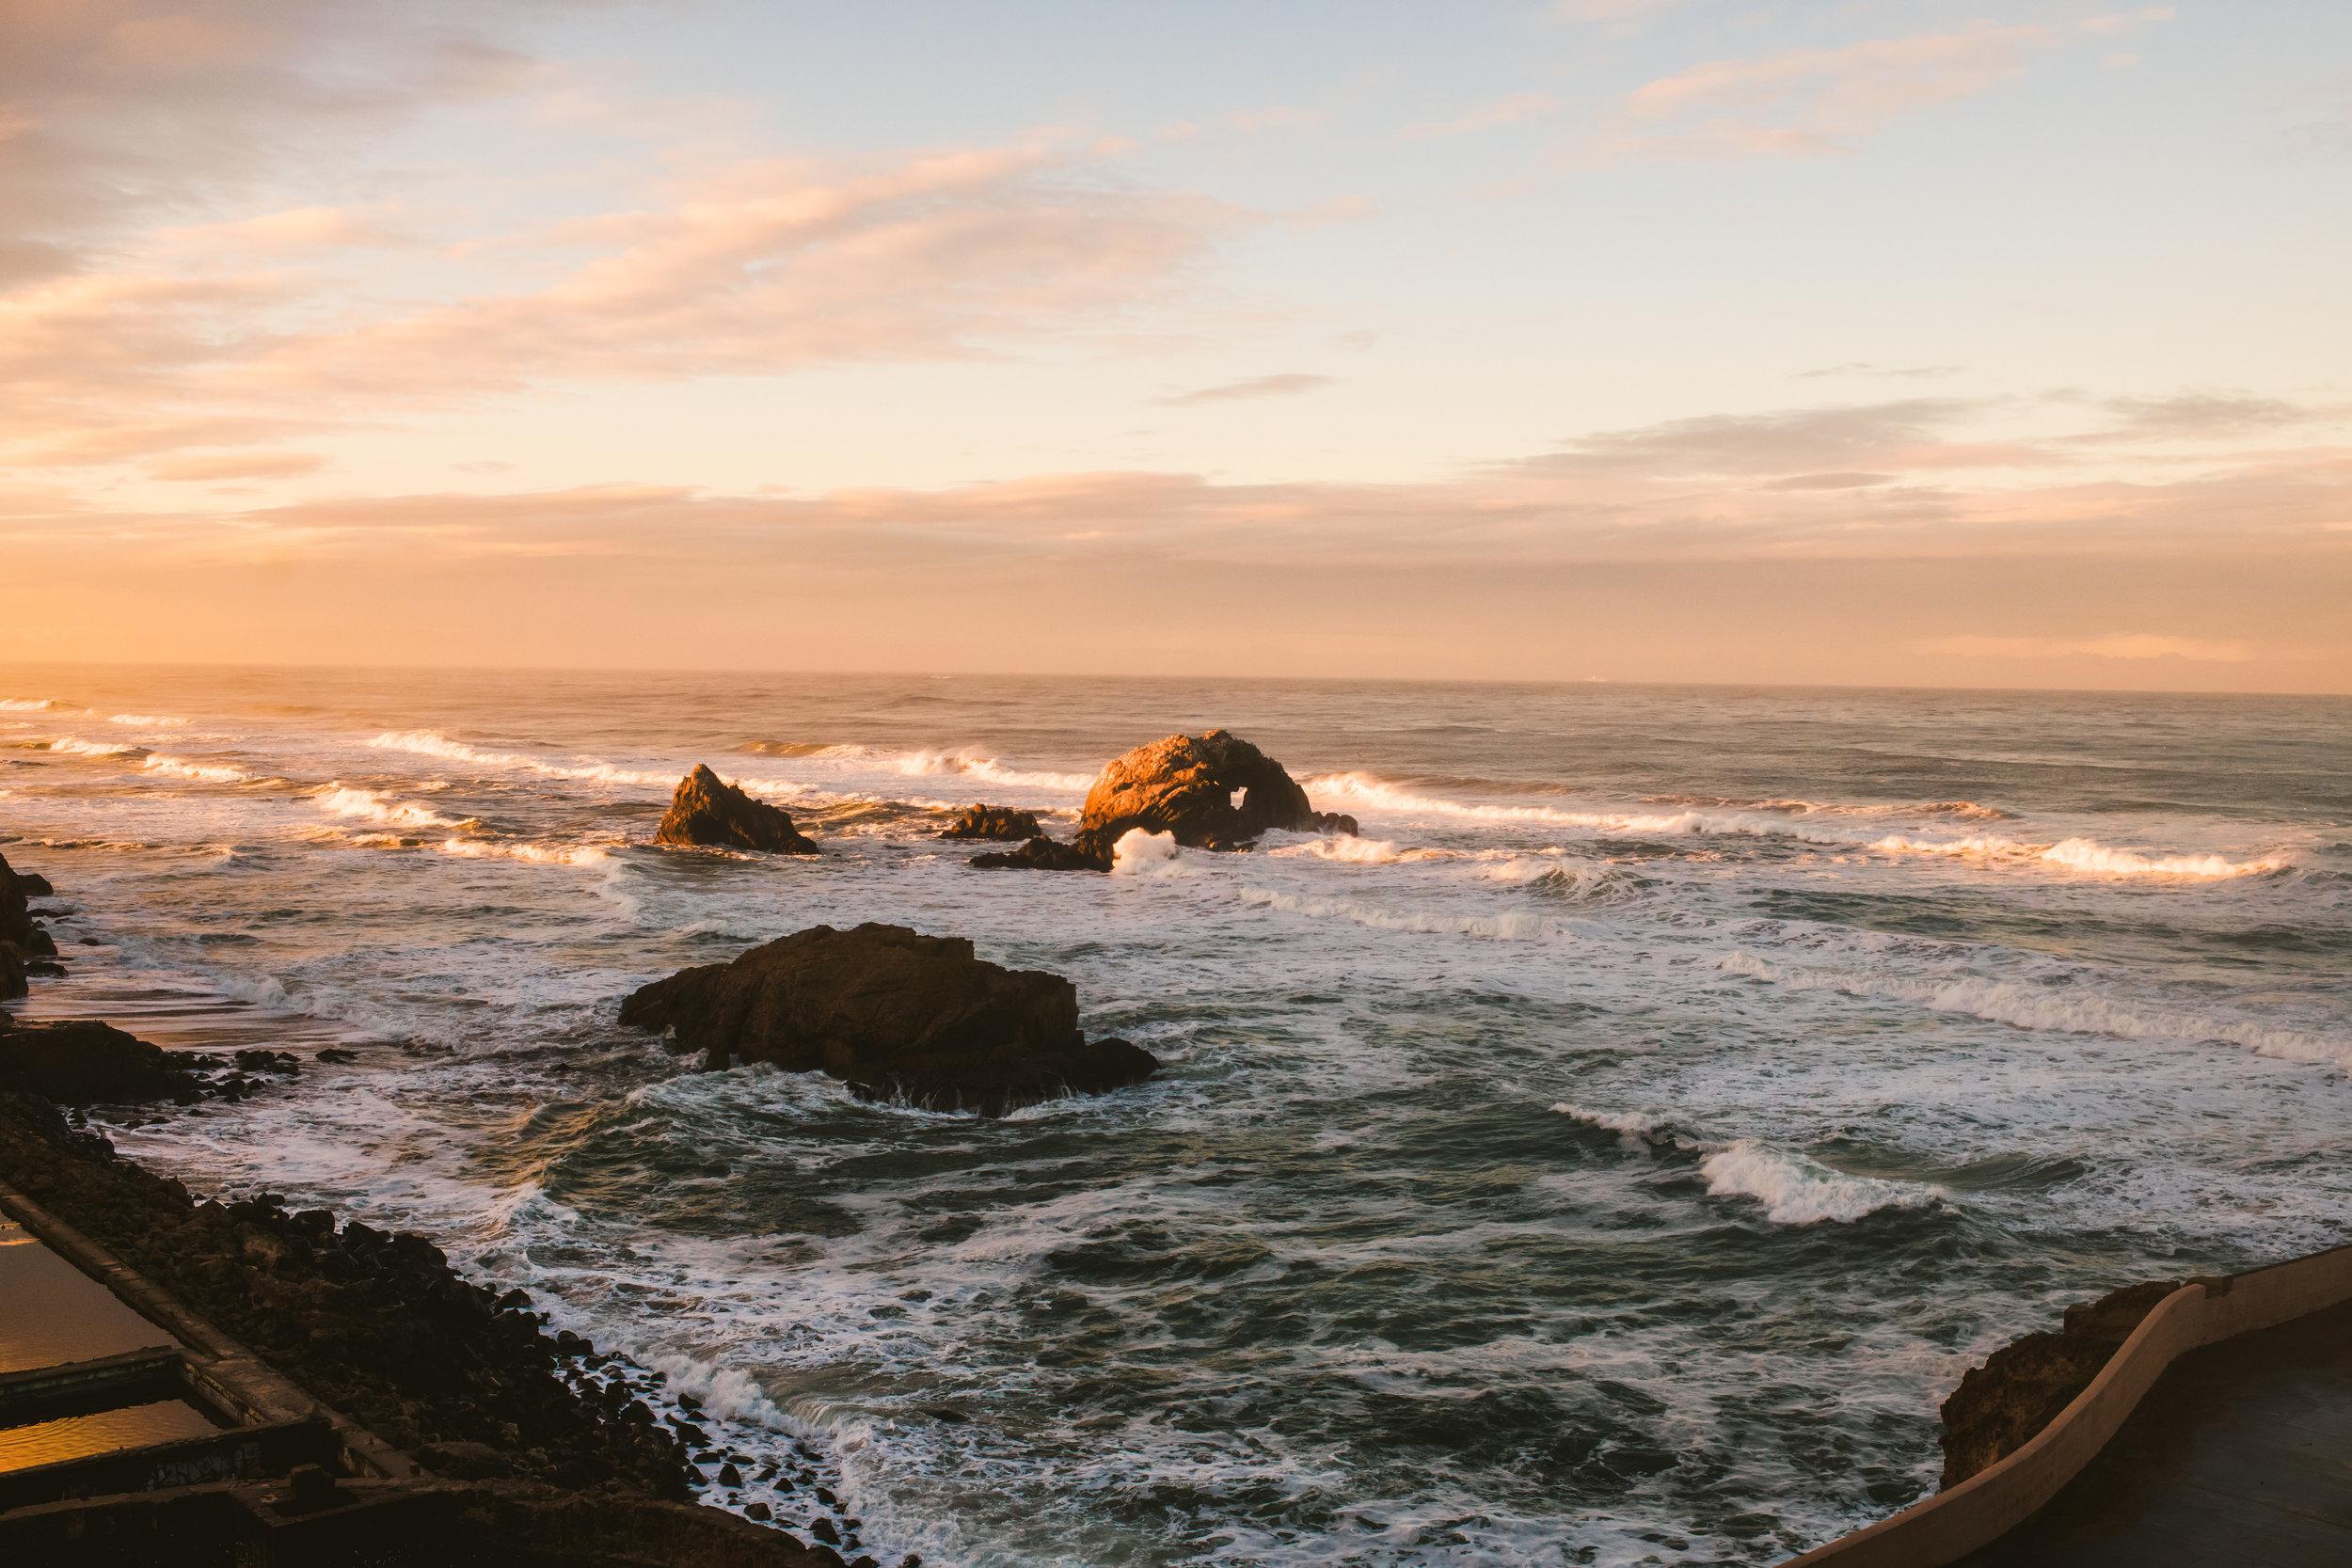 san francisco oakland bay area california sf yosemite sutro baths lands end sf  nontraditional wedding photographer -149.jpg